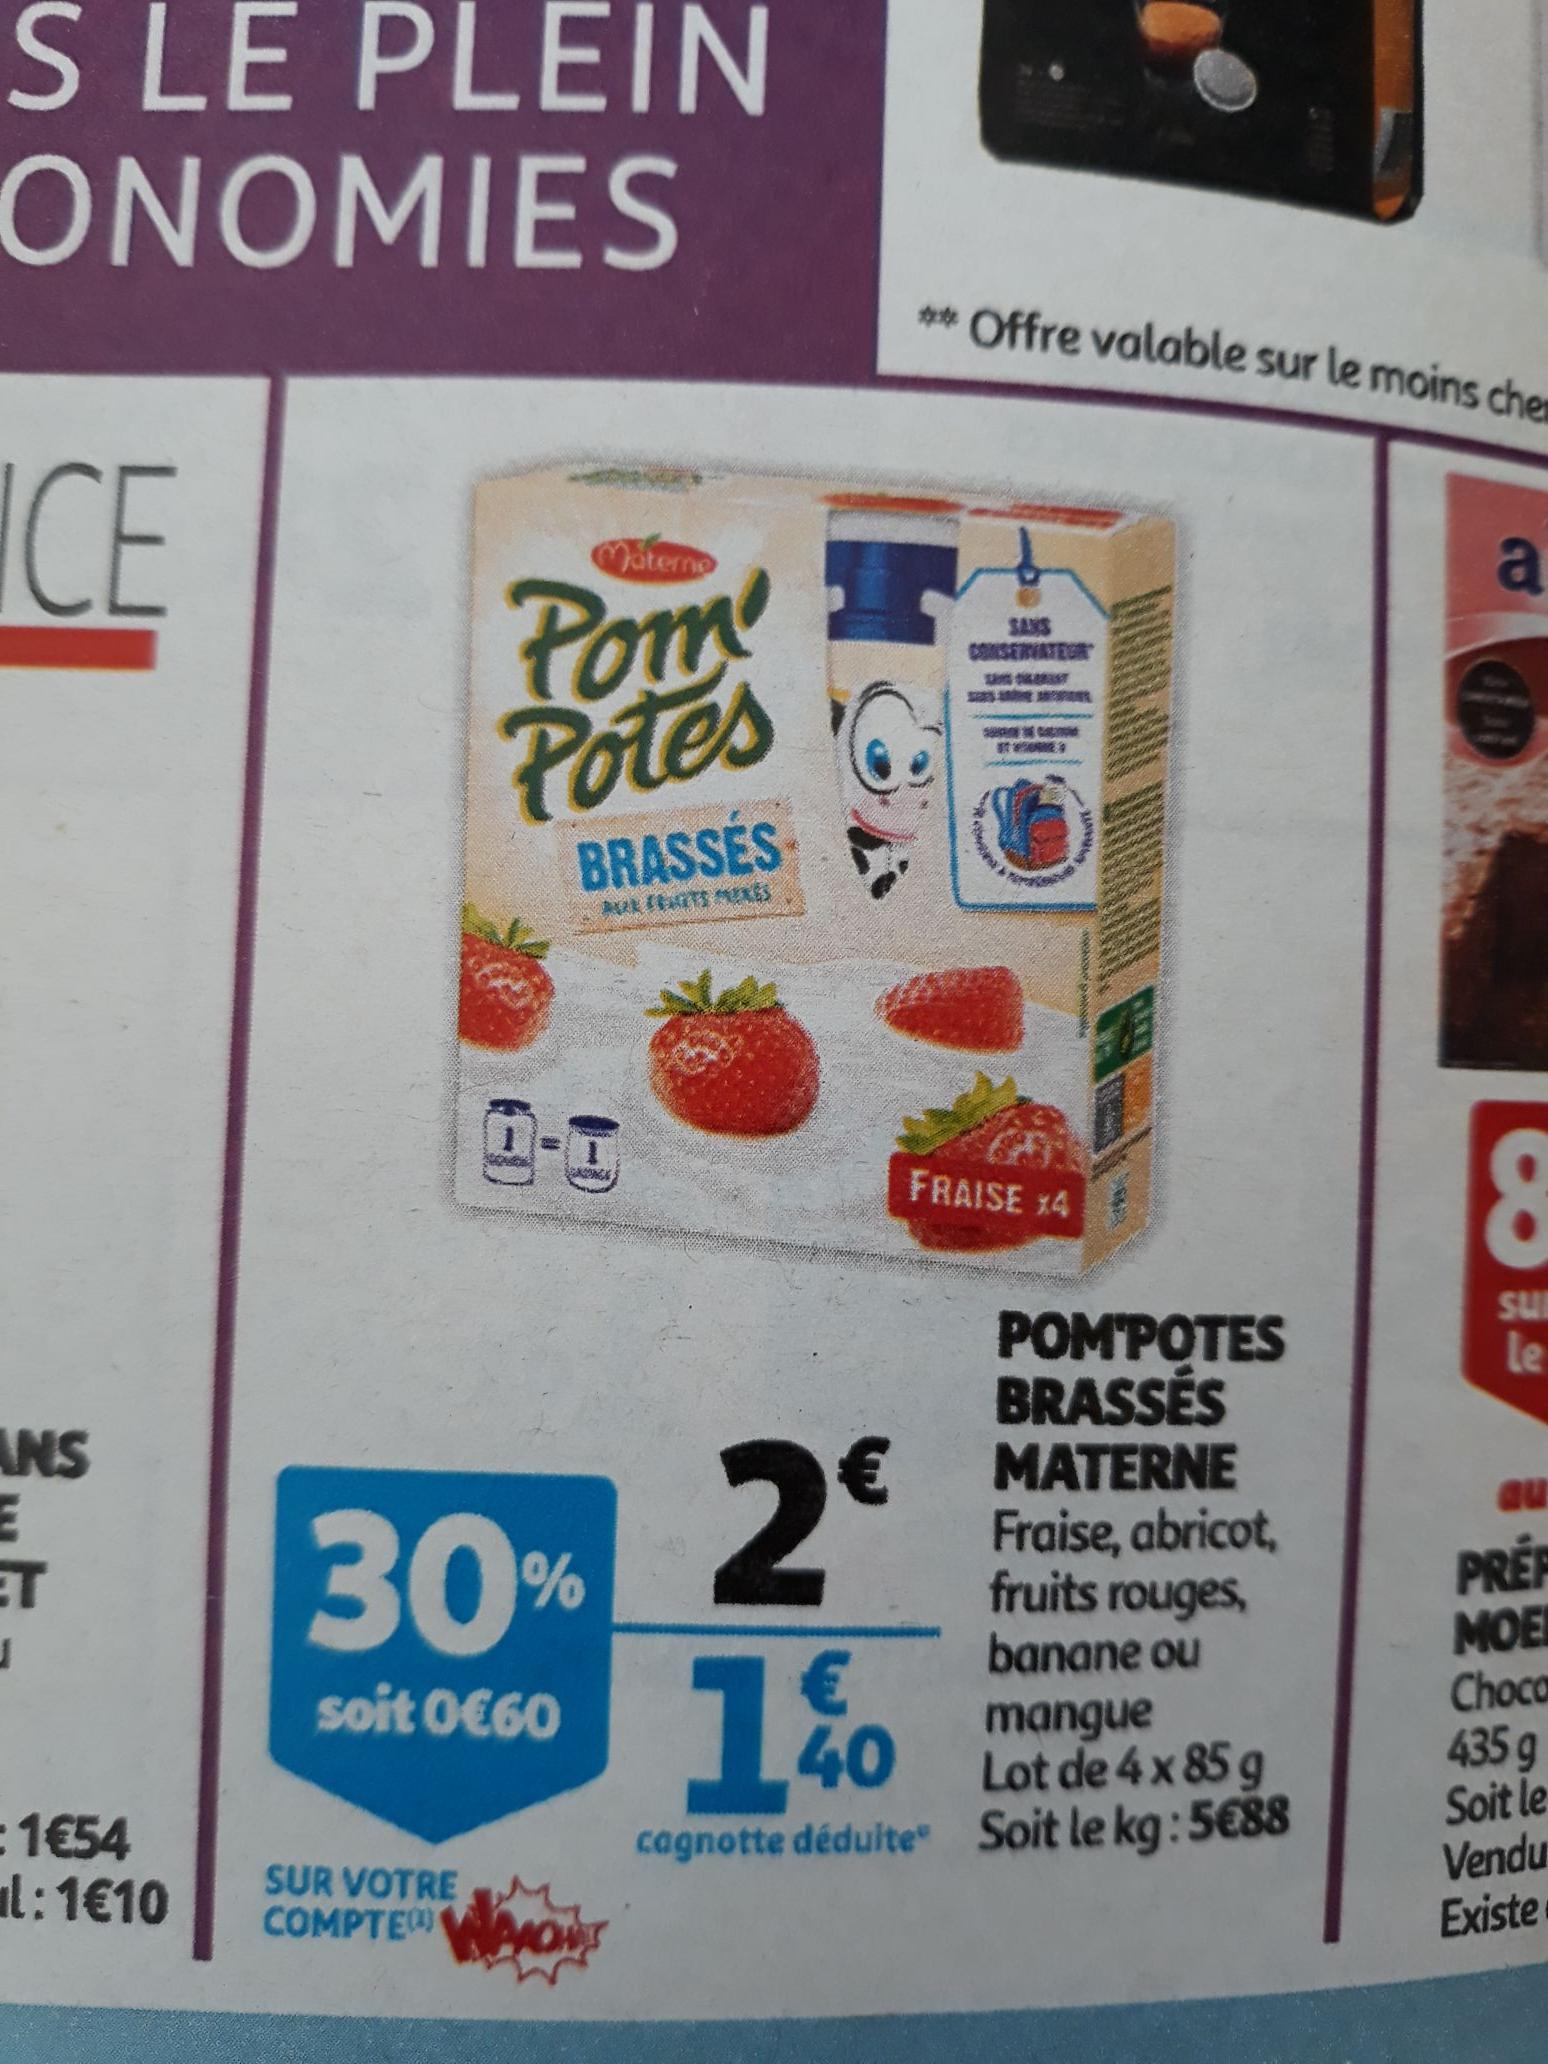 Lot de 2 boîtes de 4 compotes Materne Pom'Potes Brassés - différents parfums, 4x85 g (via 1.2€ sur la carte de fidélité + Shopmium)